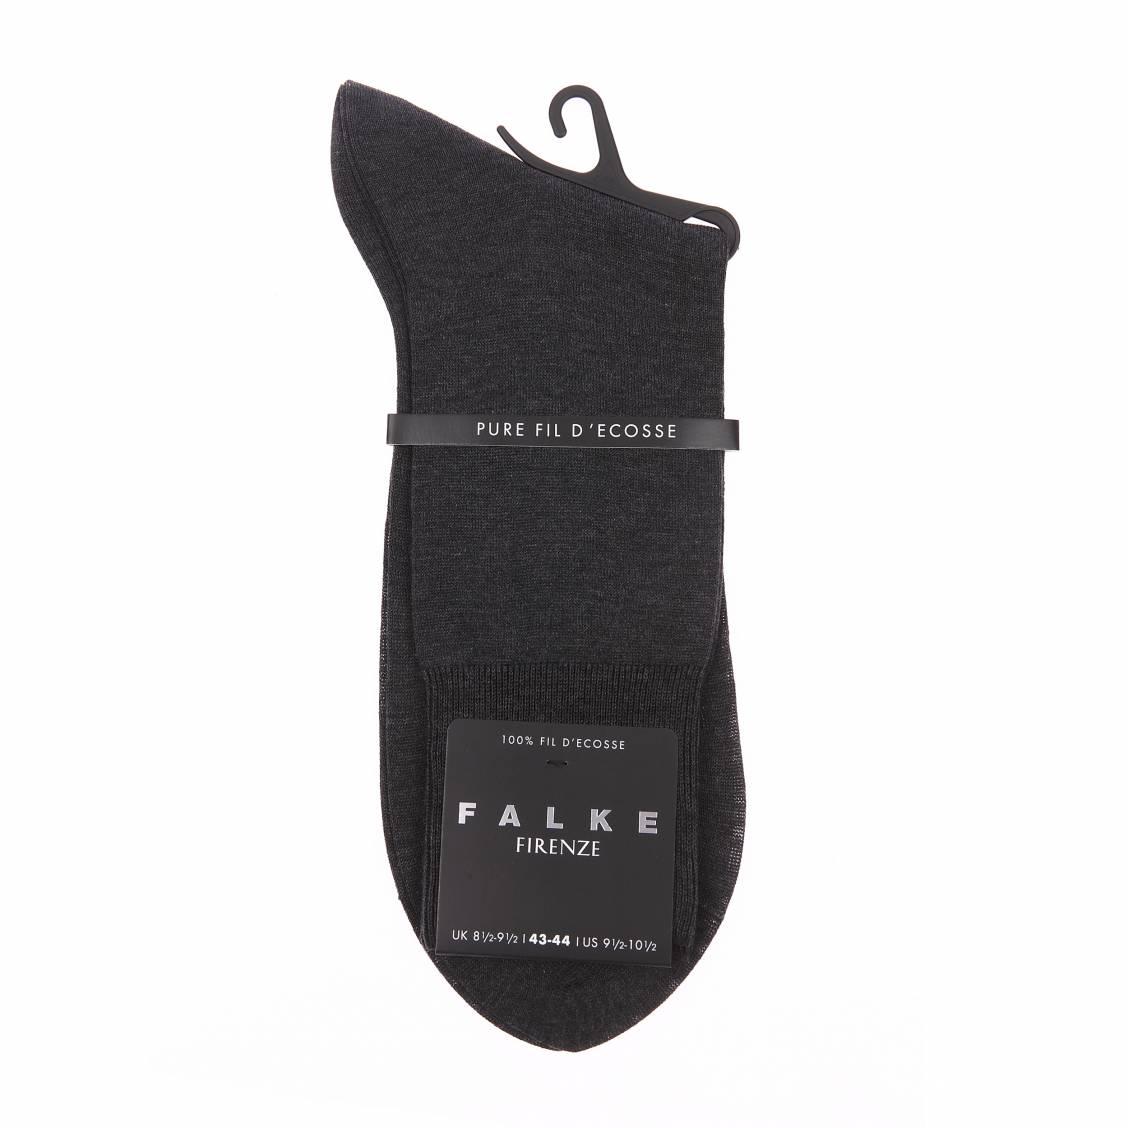 Chaussettes Firenze Falke fil d'écosse  en maille fine gris foncé aux reflets soyeux